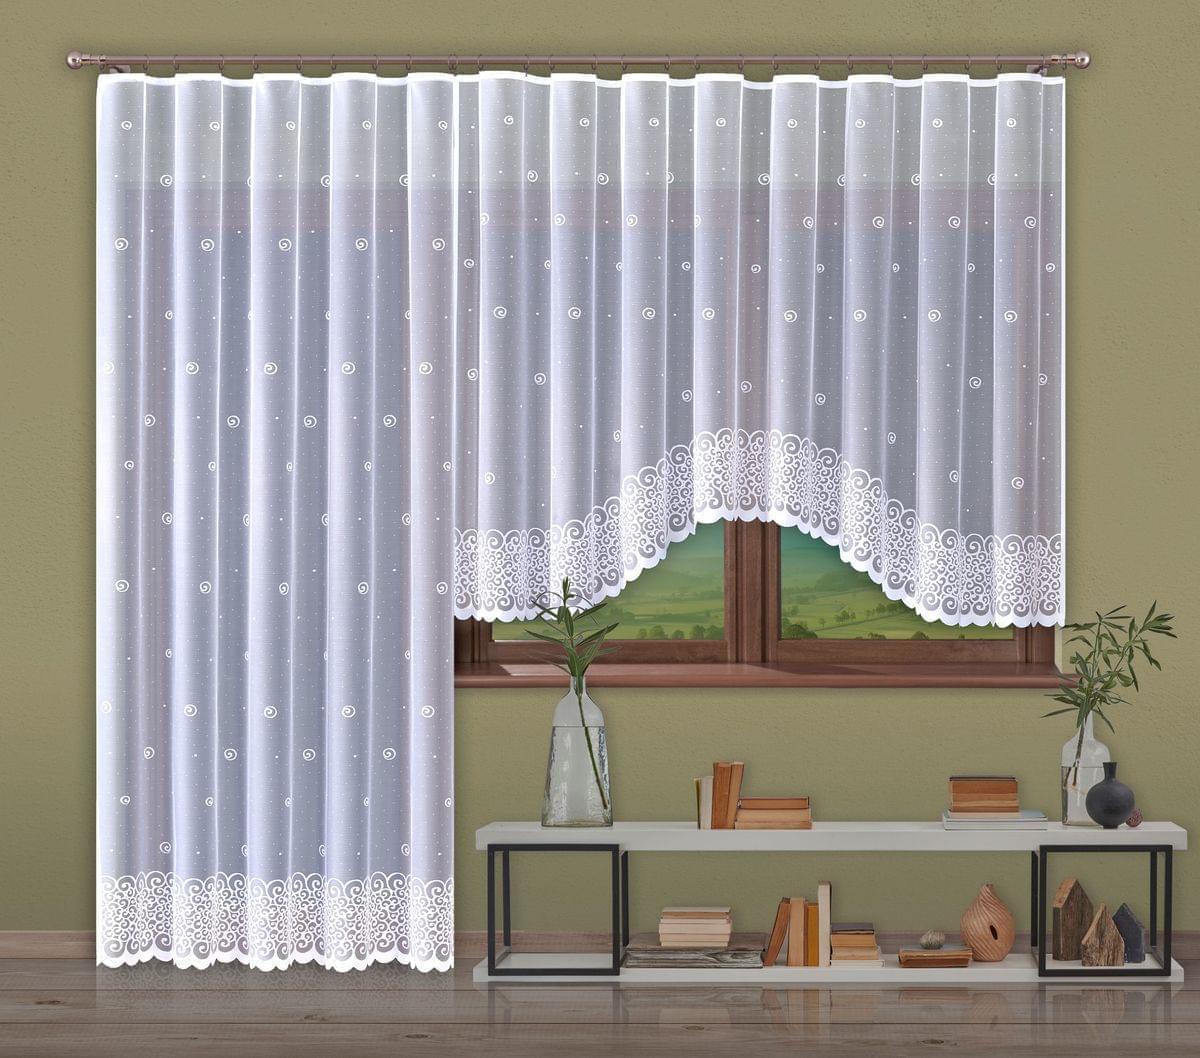 Forbyt, Hotová záclona nebo balkonový komplet, Helix, bílá 300 x 150 cm